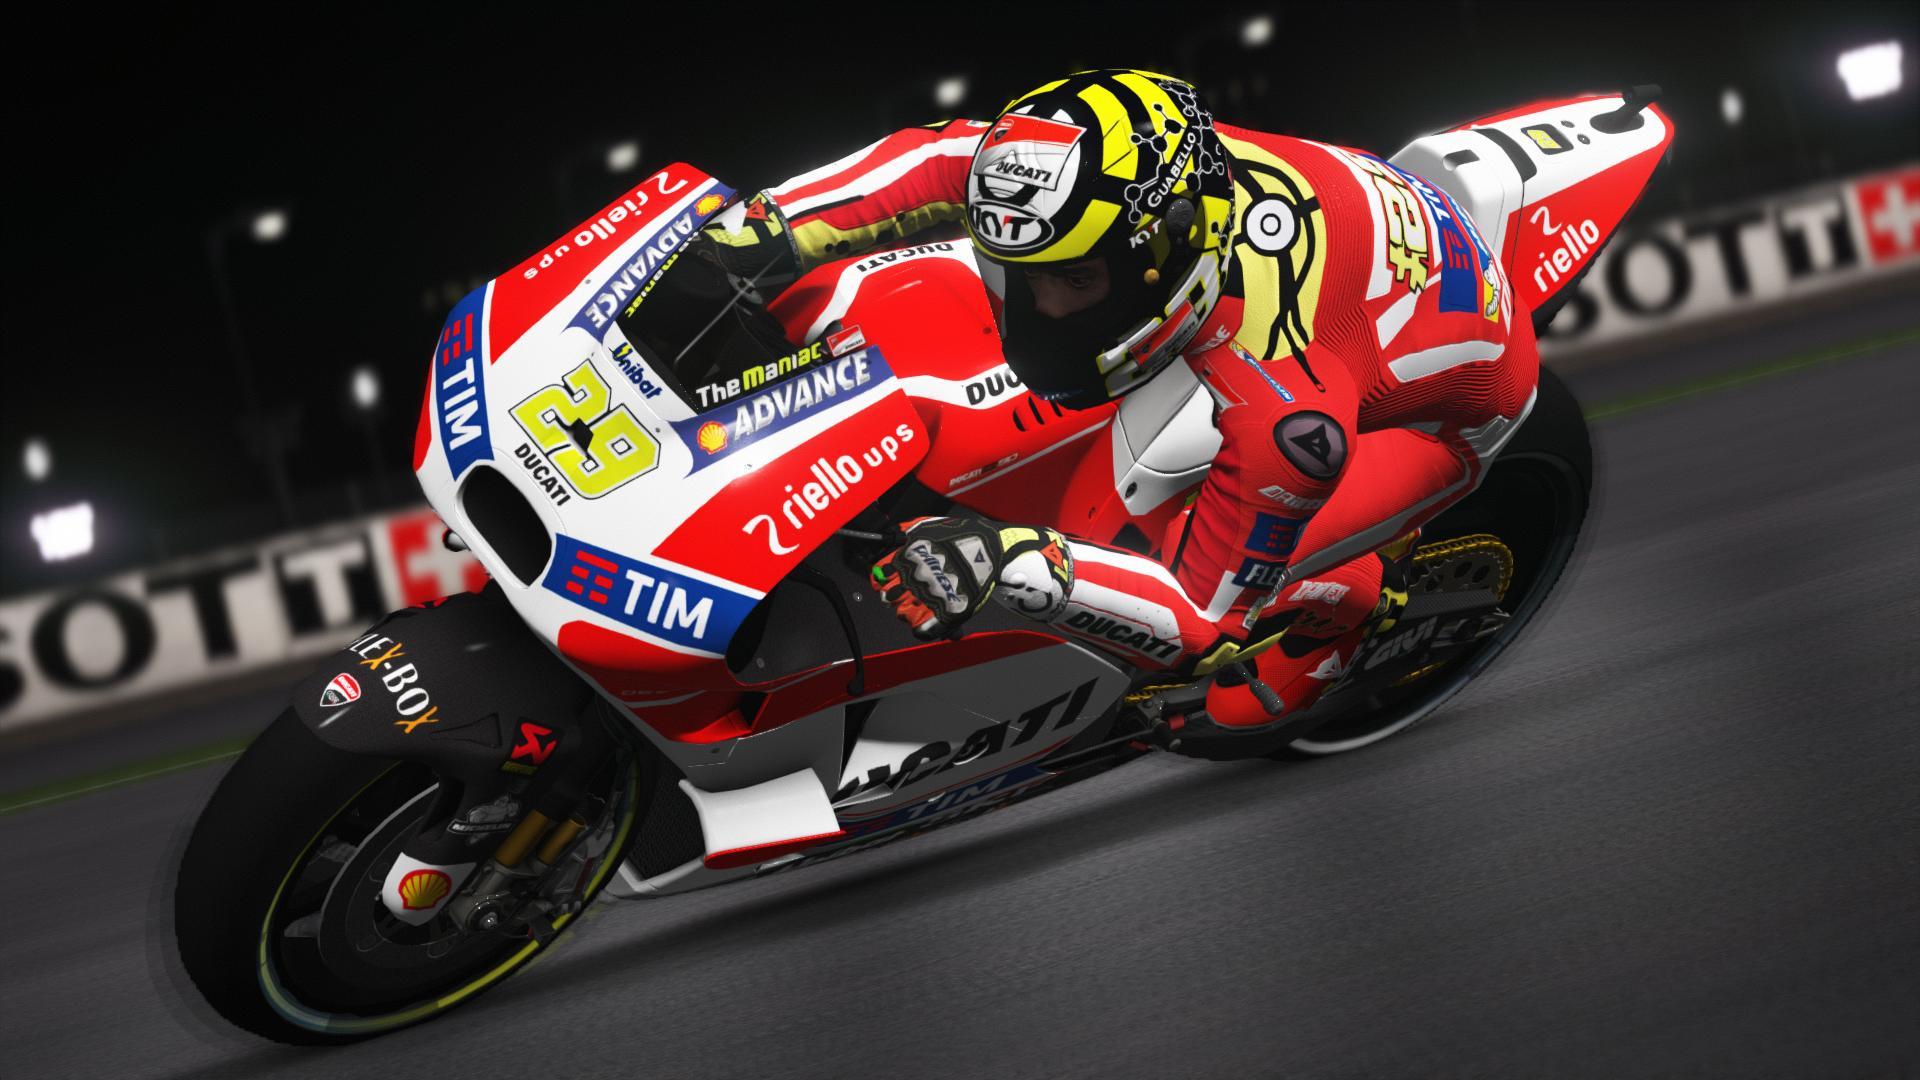 MotoGP15X64 2016-03-19 11-01-51-67.jpg